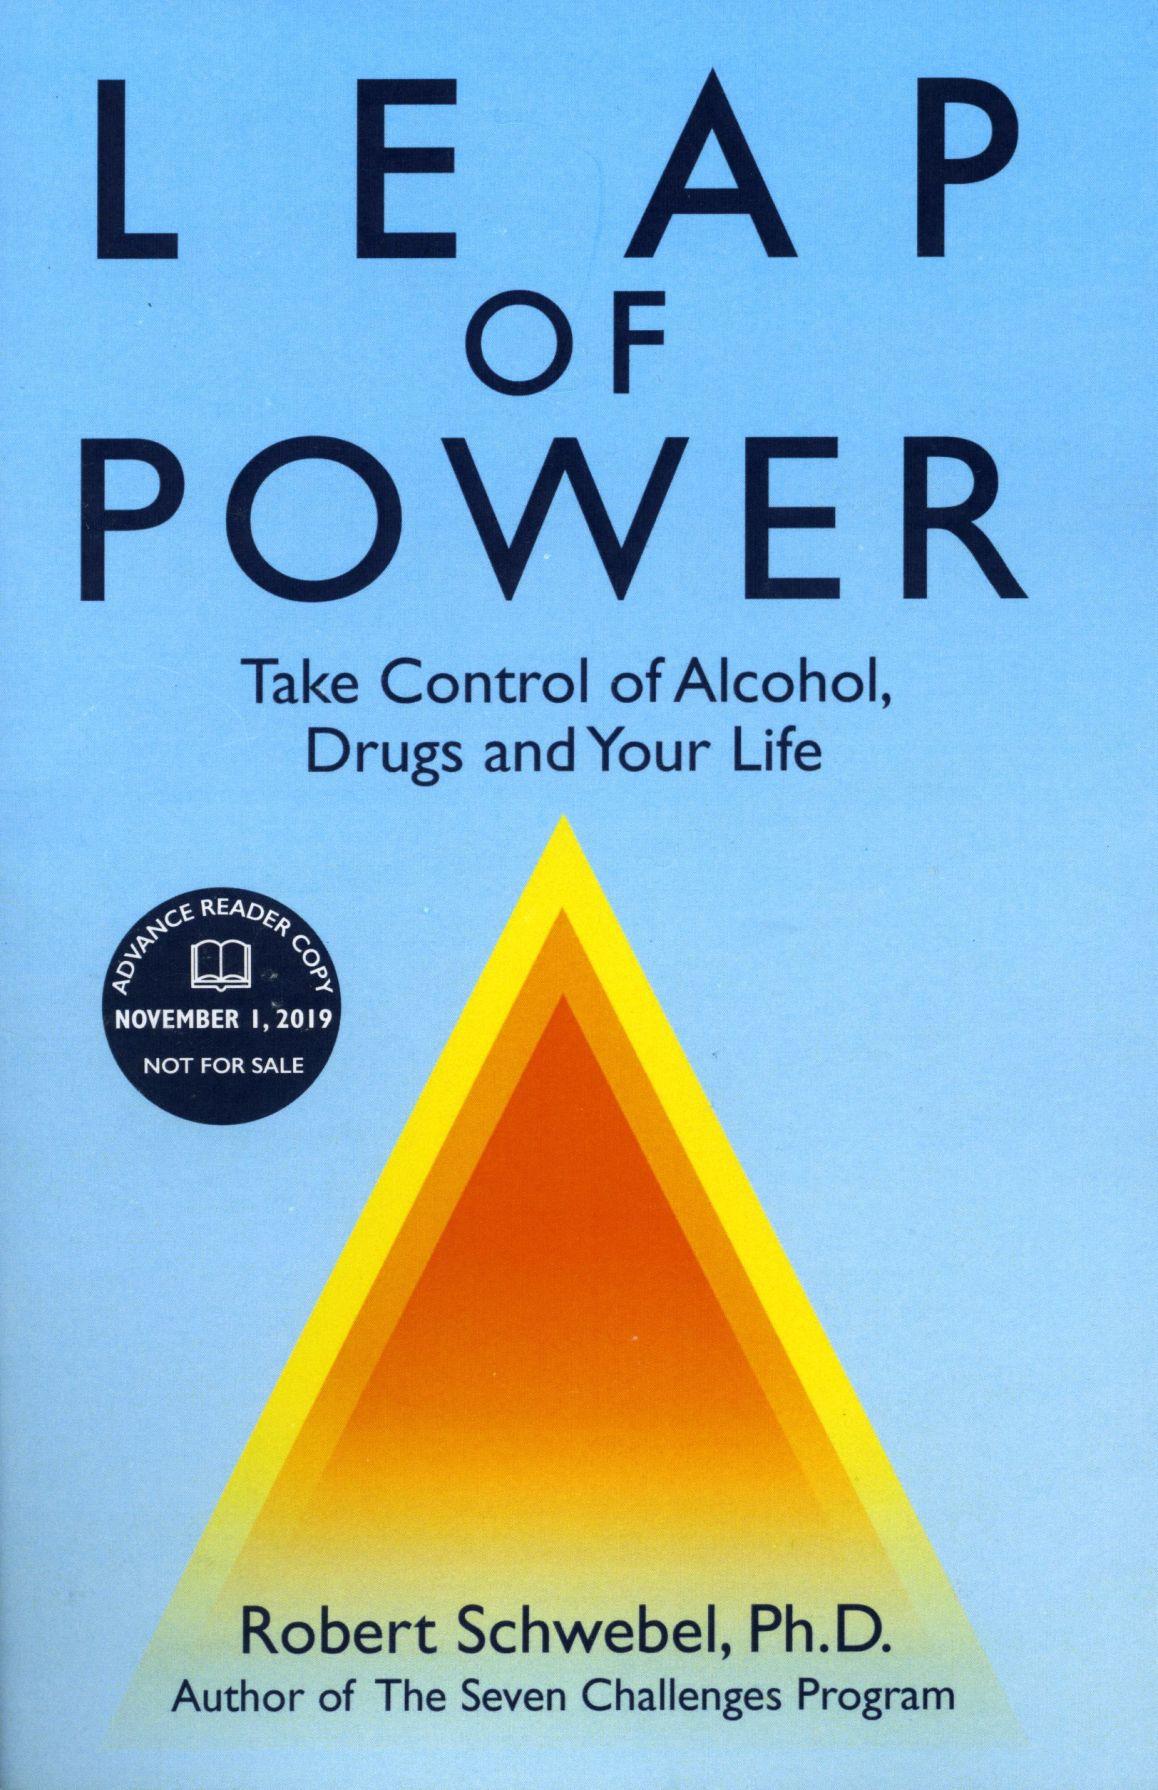 Leap of Power by Robert Schwebel, Ph.D.